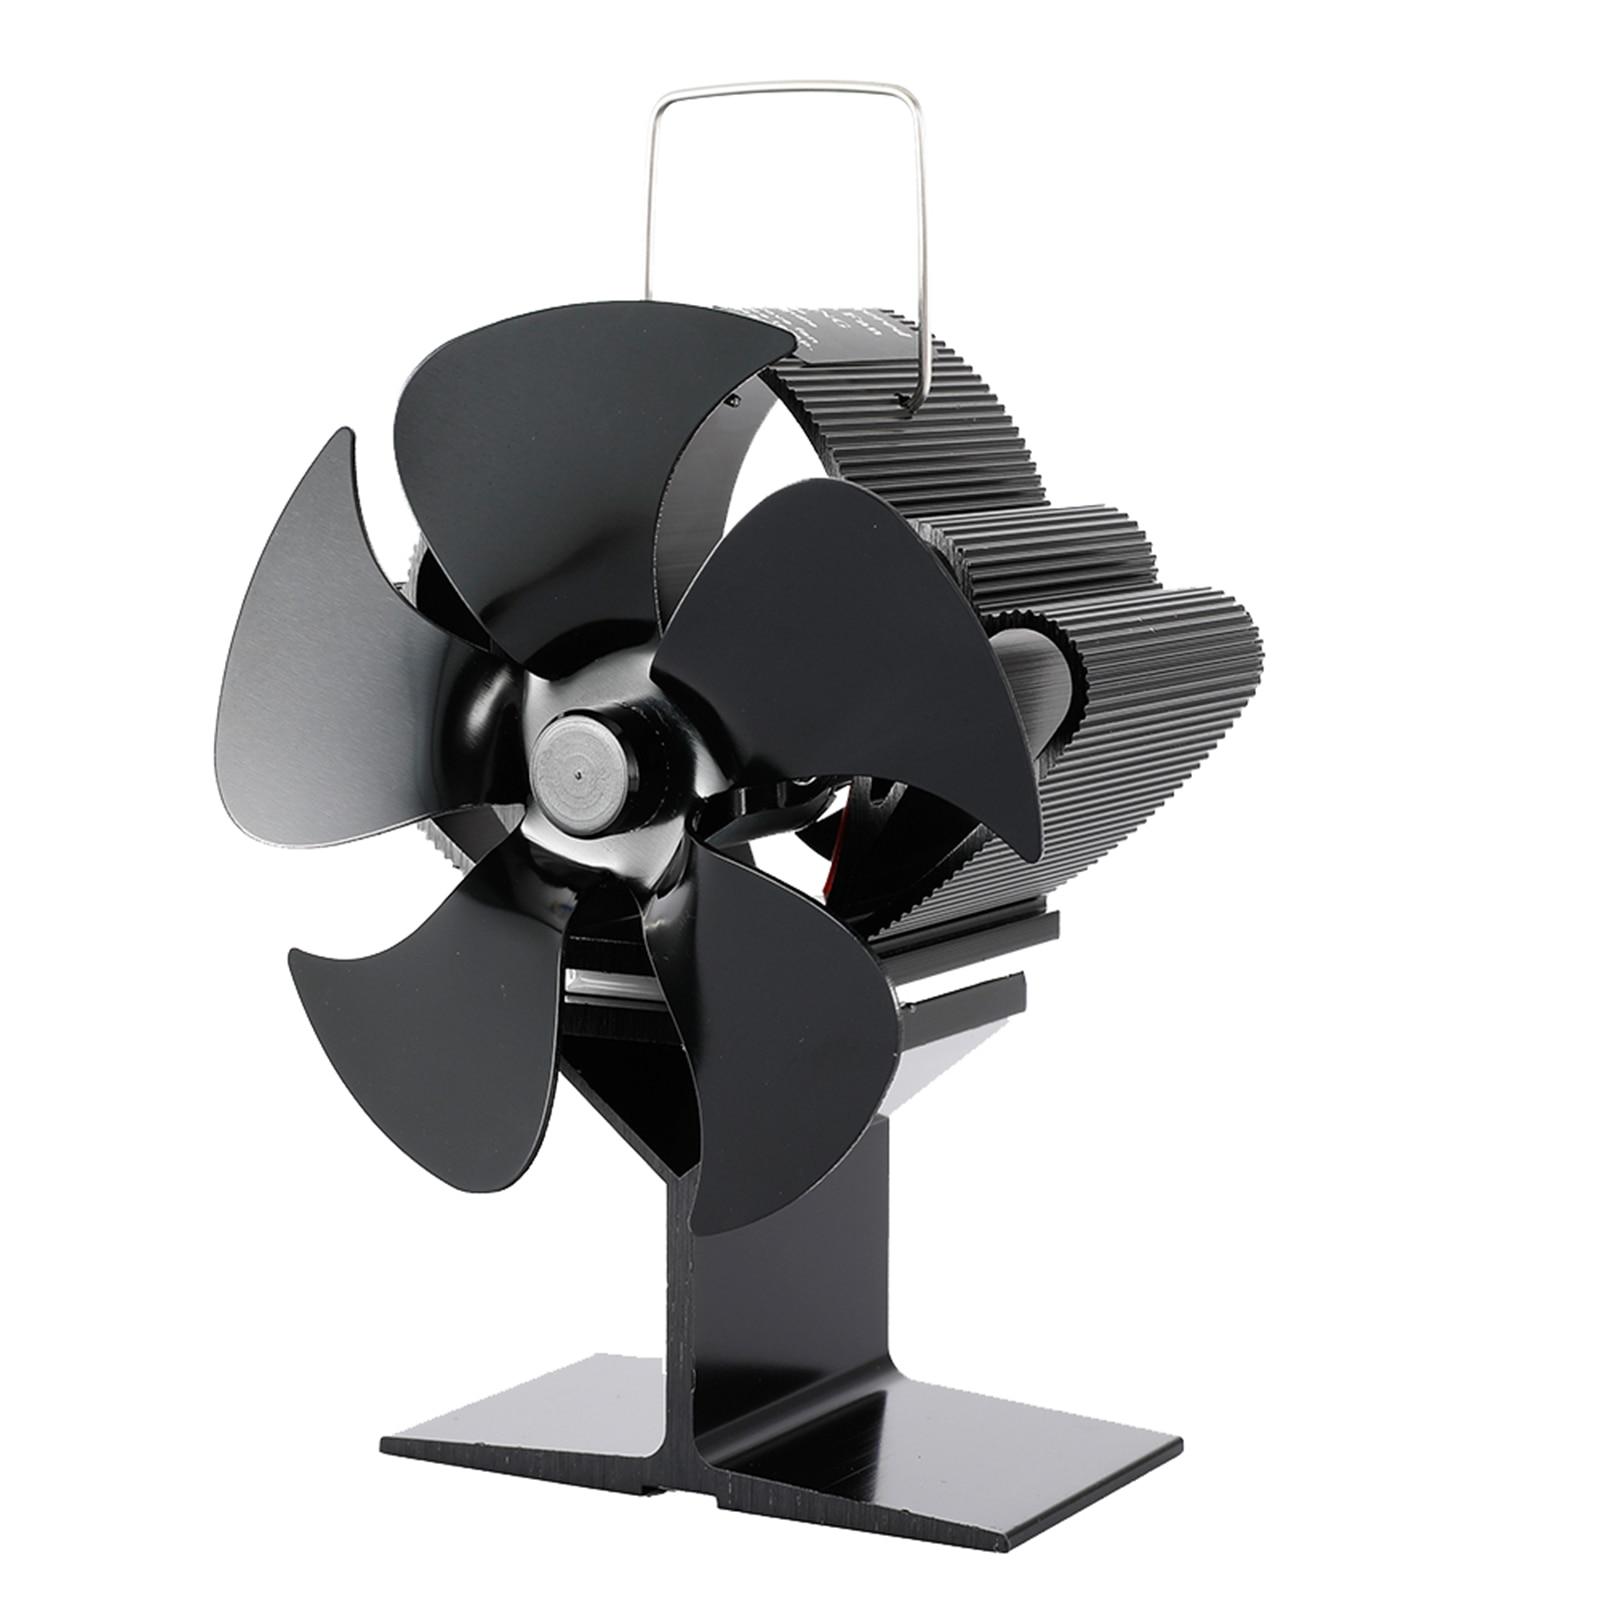 جديد أسود الموقد 5 شفرات تعمل بالطاقة الحرارية موقد مروحة سجل الخشب الموقد Ecofan هادئة المنزل الموقد مروحة كفاءة الحرارة مذهلة